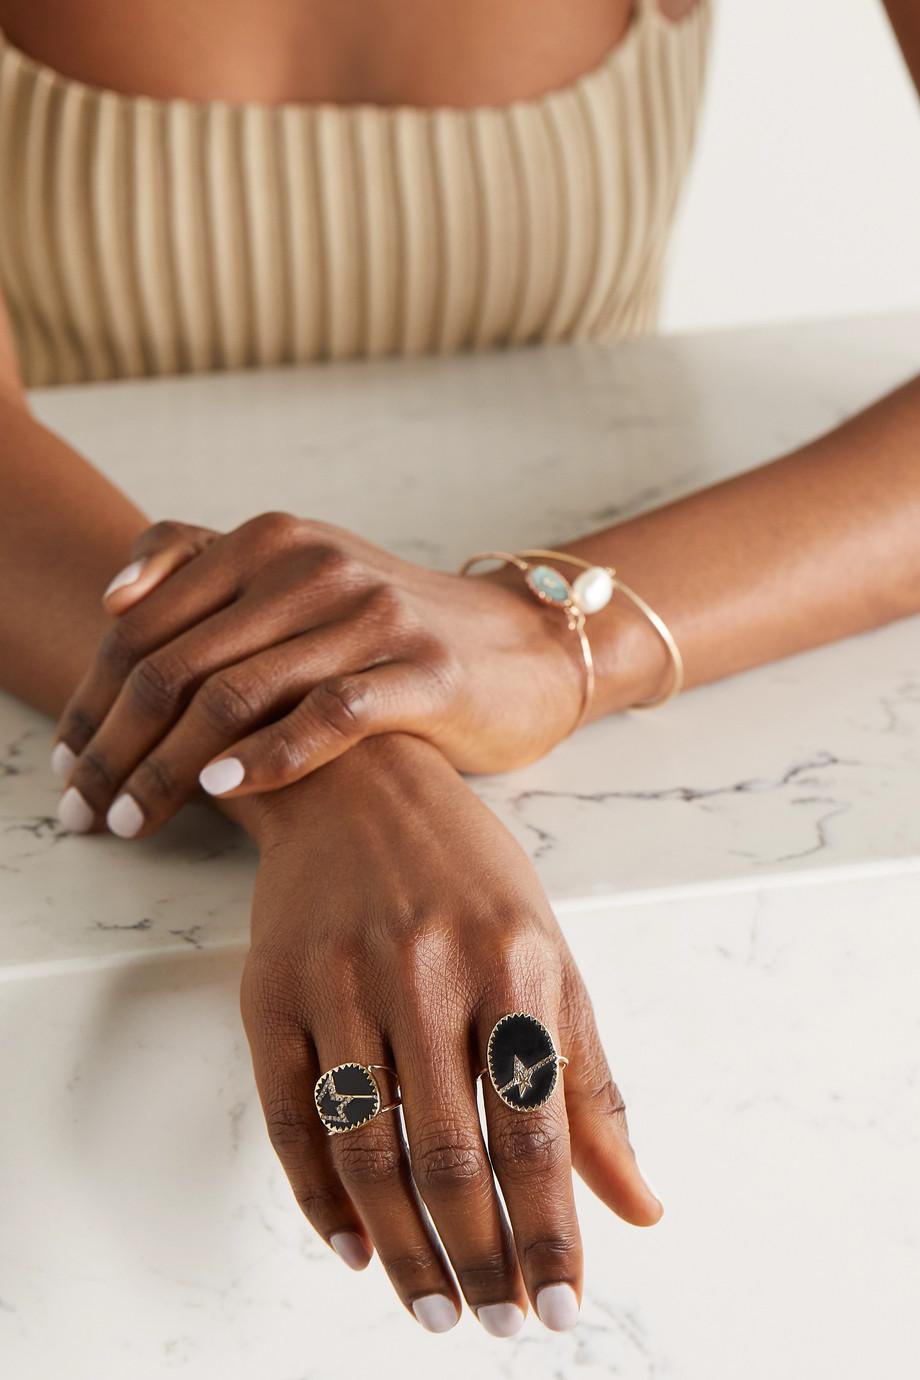 Pascale Monvoisin Varda N°3 9-karat gold, sterling silver, bakelite and diamond ring